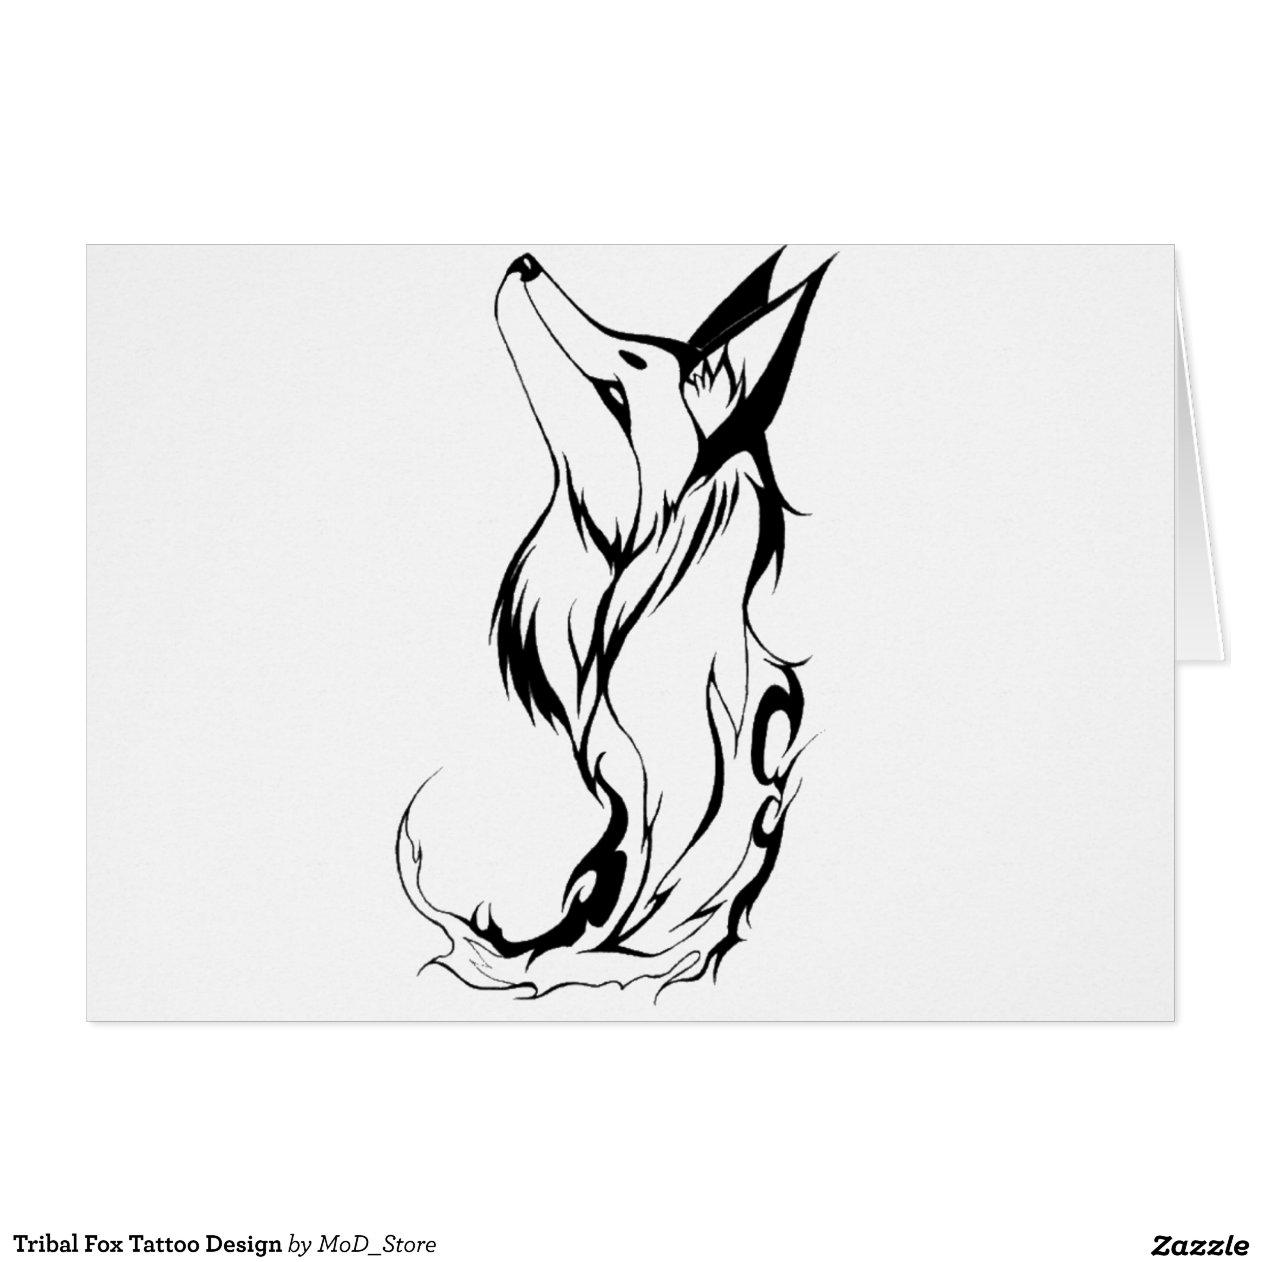 Tribal Fox Tattoo Desi...